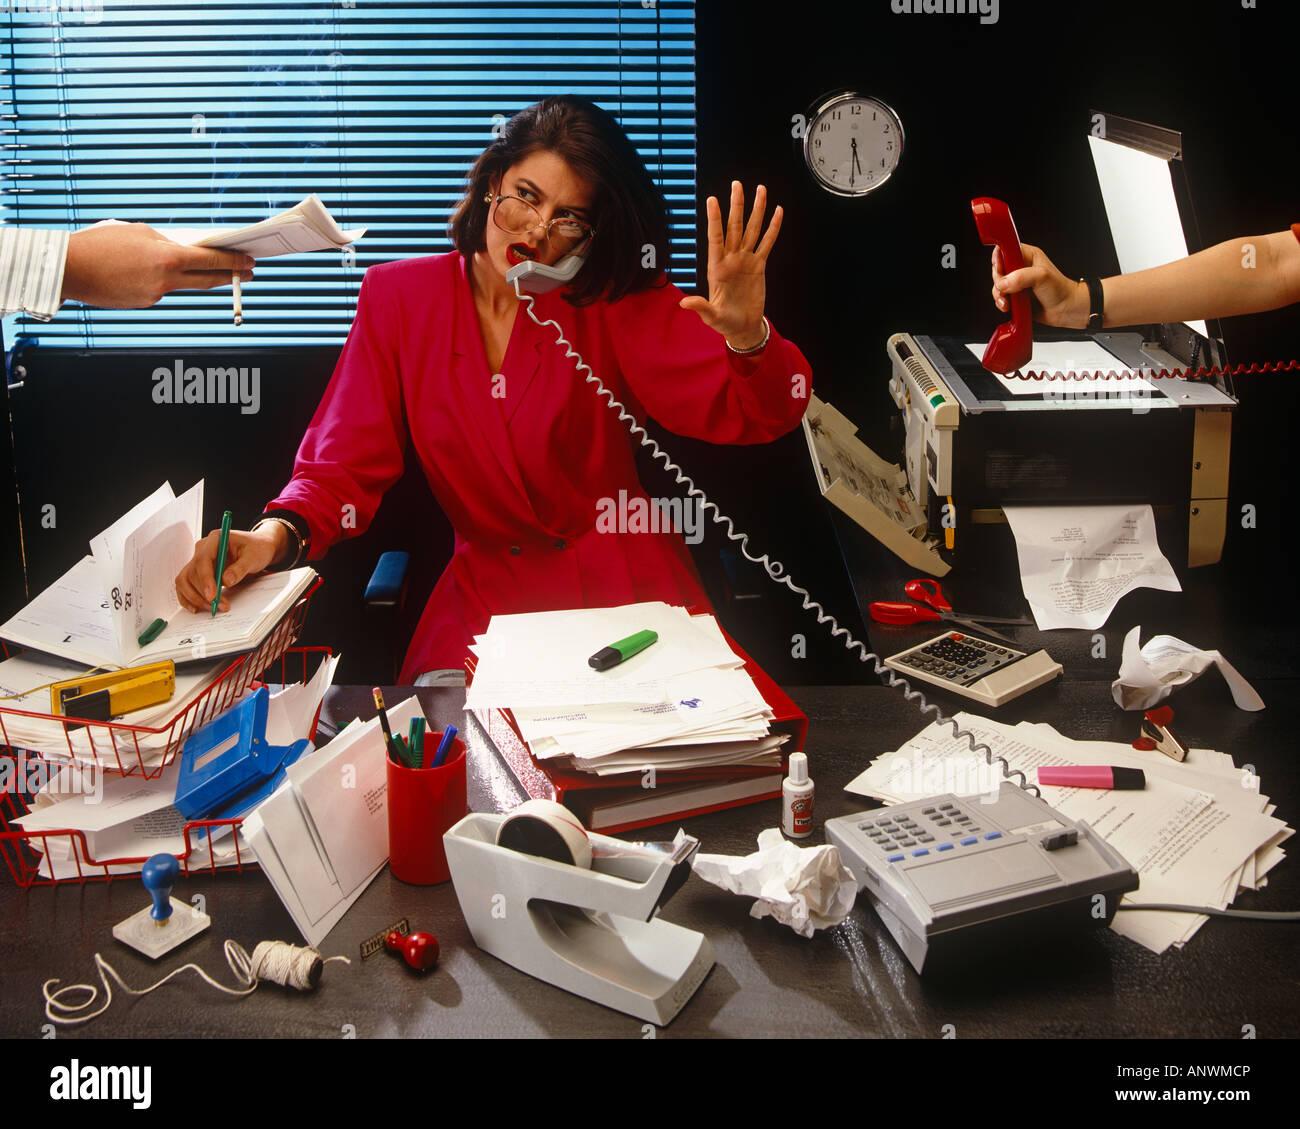 распишите рабочий день управляющего магазином одном них операционист